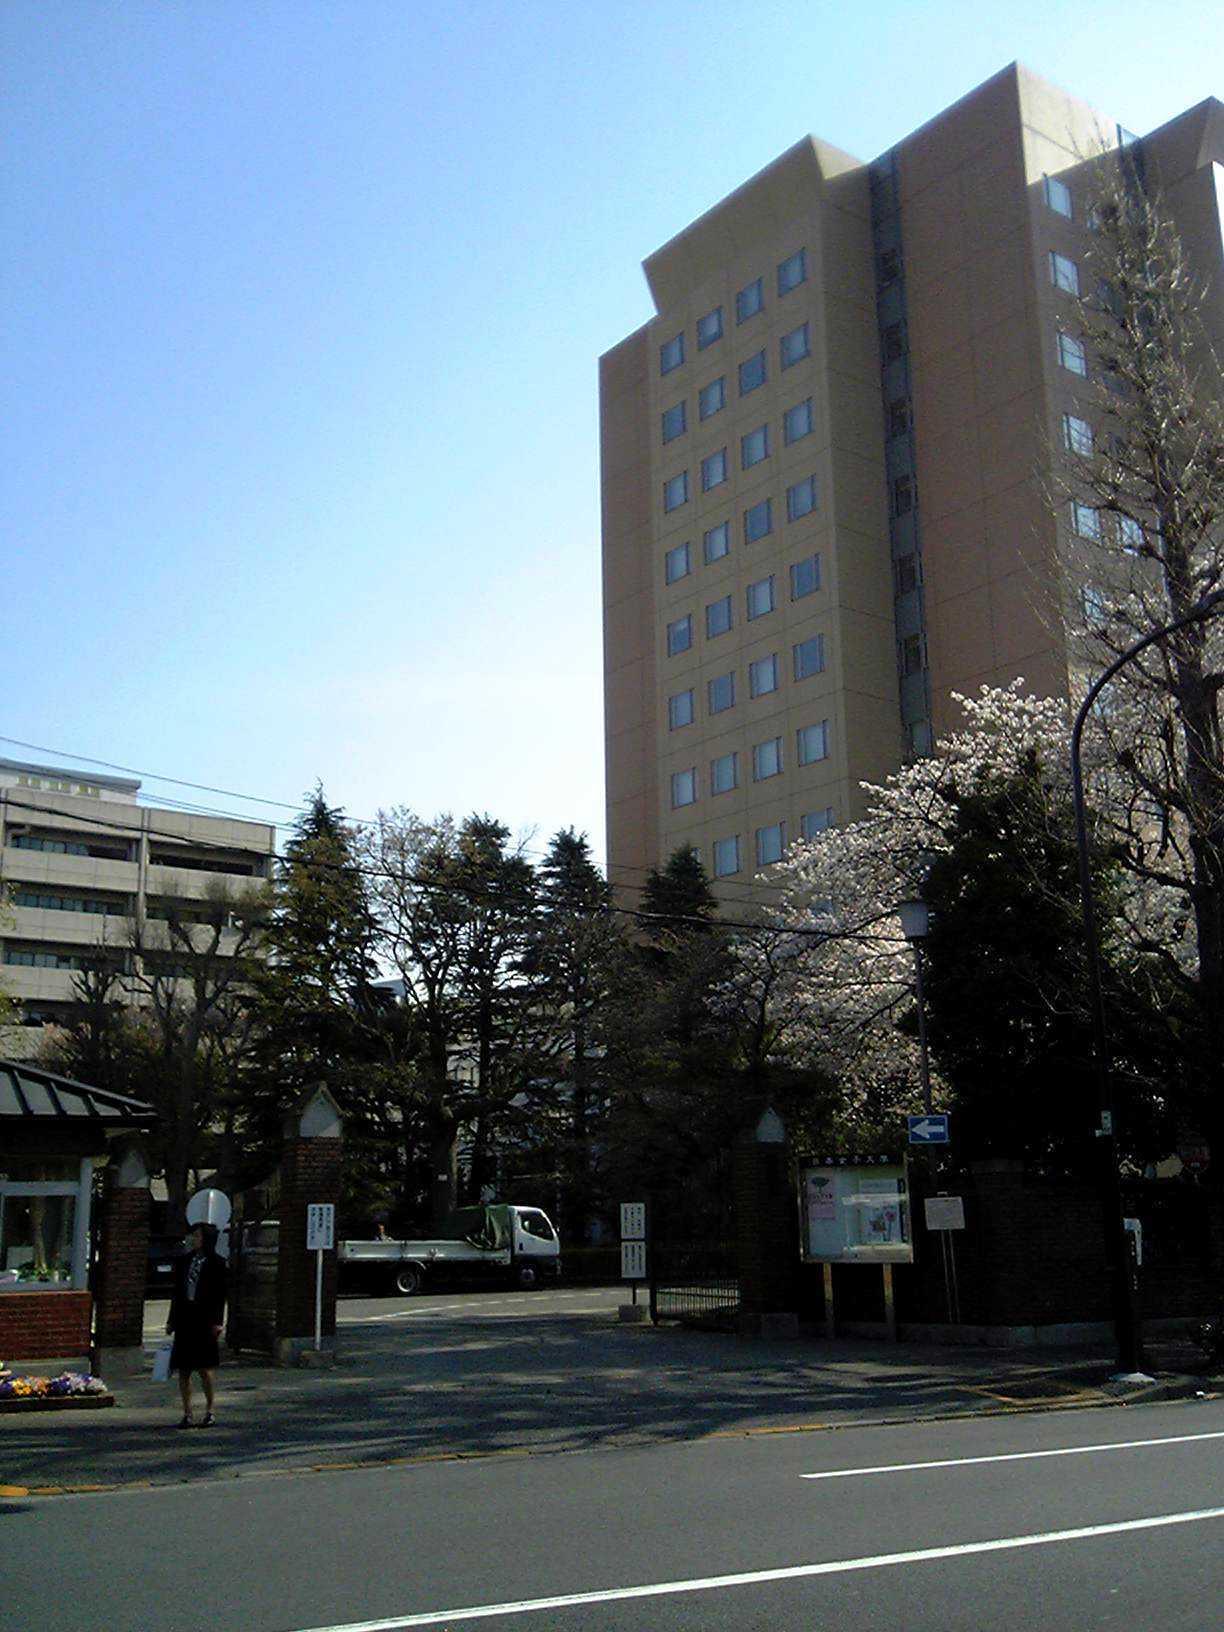 Nihion_jyoshi_university.jpg